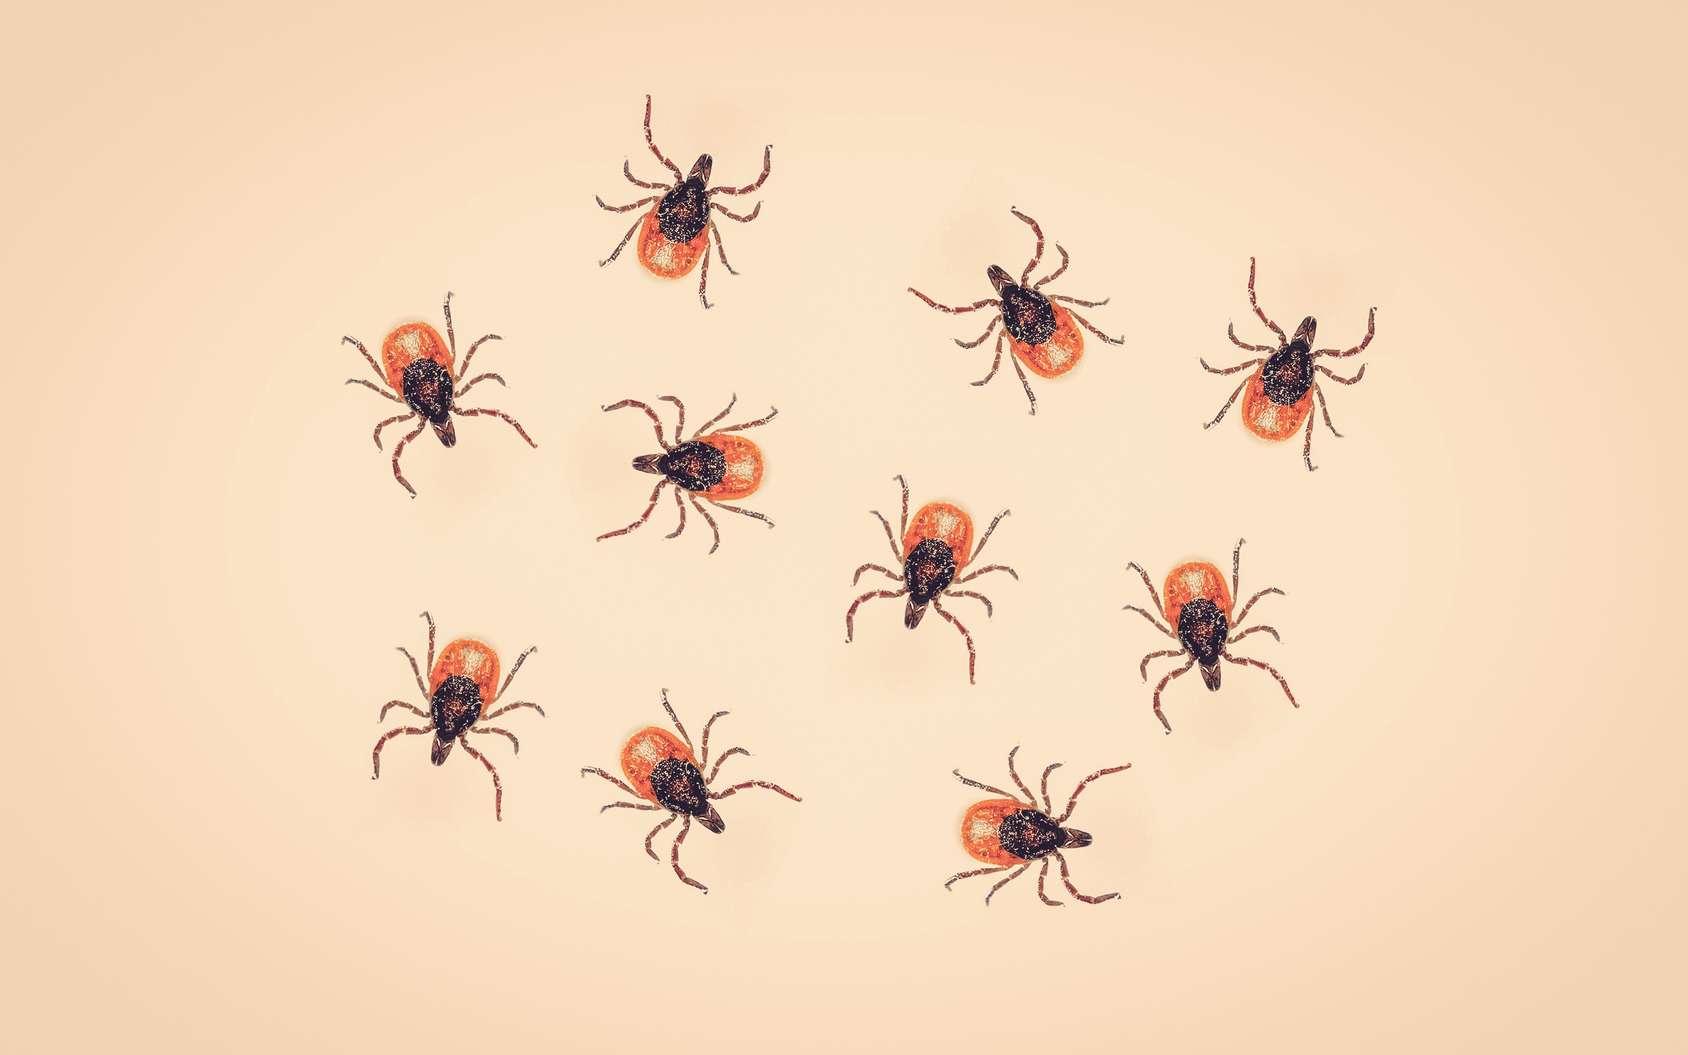 L'épidémie de Lyme est-elle due à une expérimentation d'arme biologique aux États-unis ? © Polarpx, Fotolia